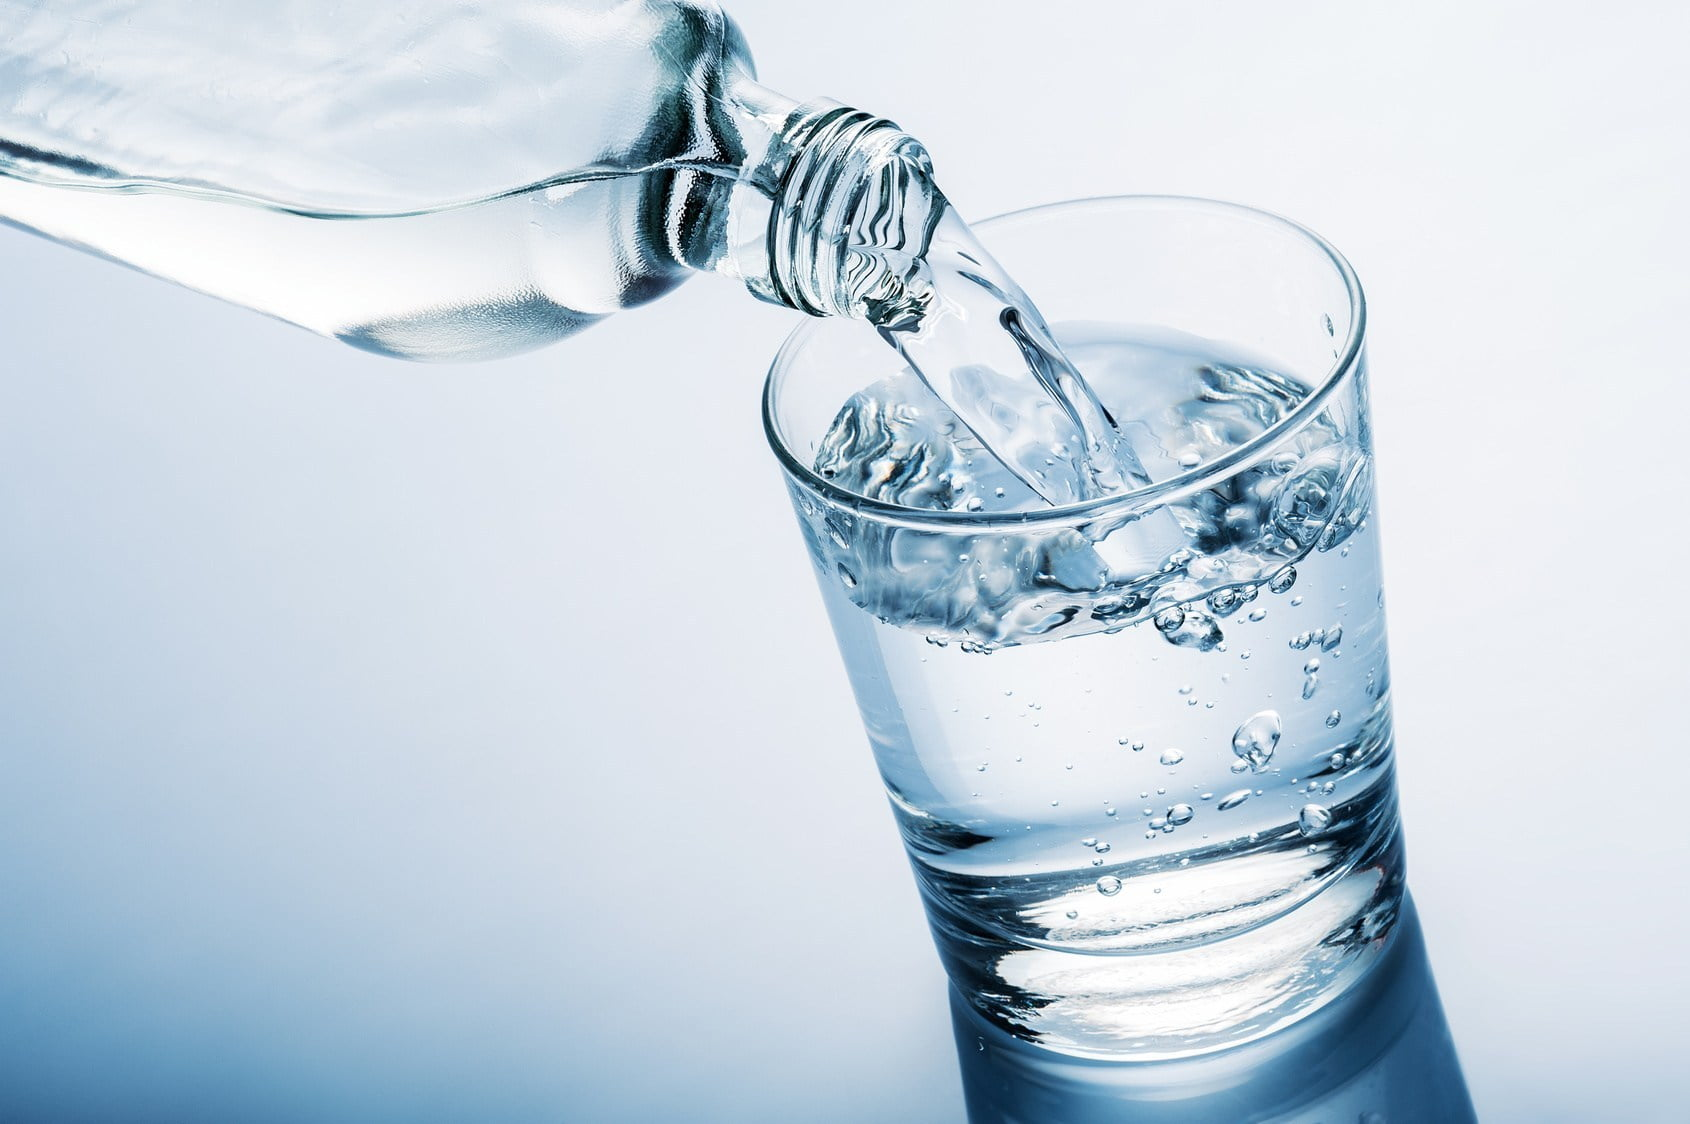 perdita di peso bevendo acqua prima dei pastier